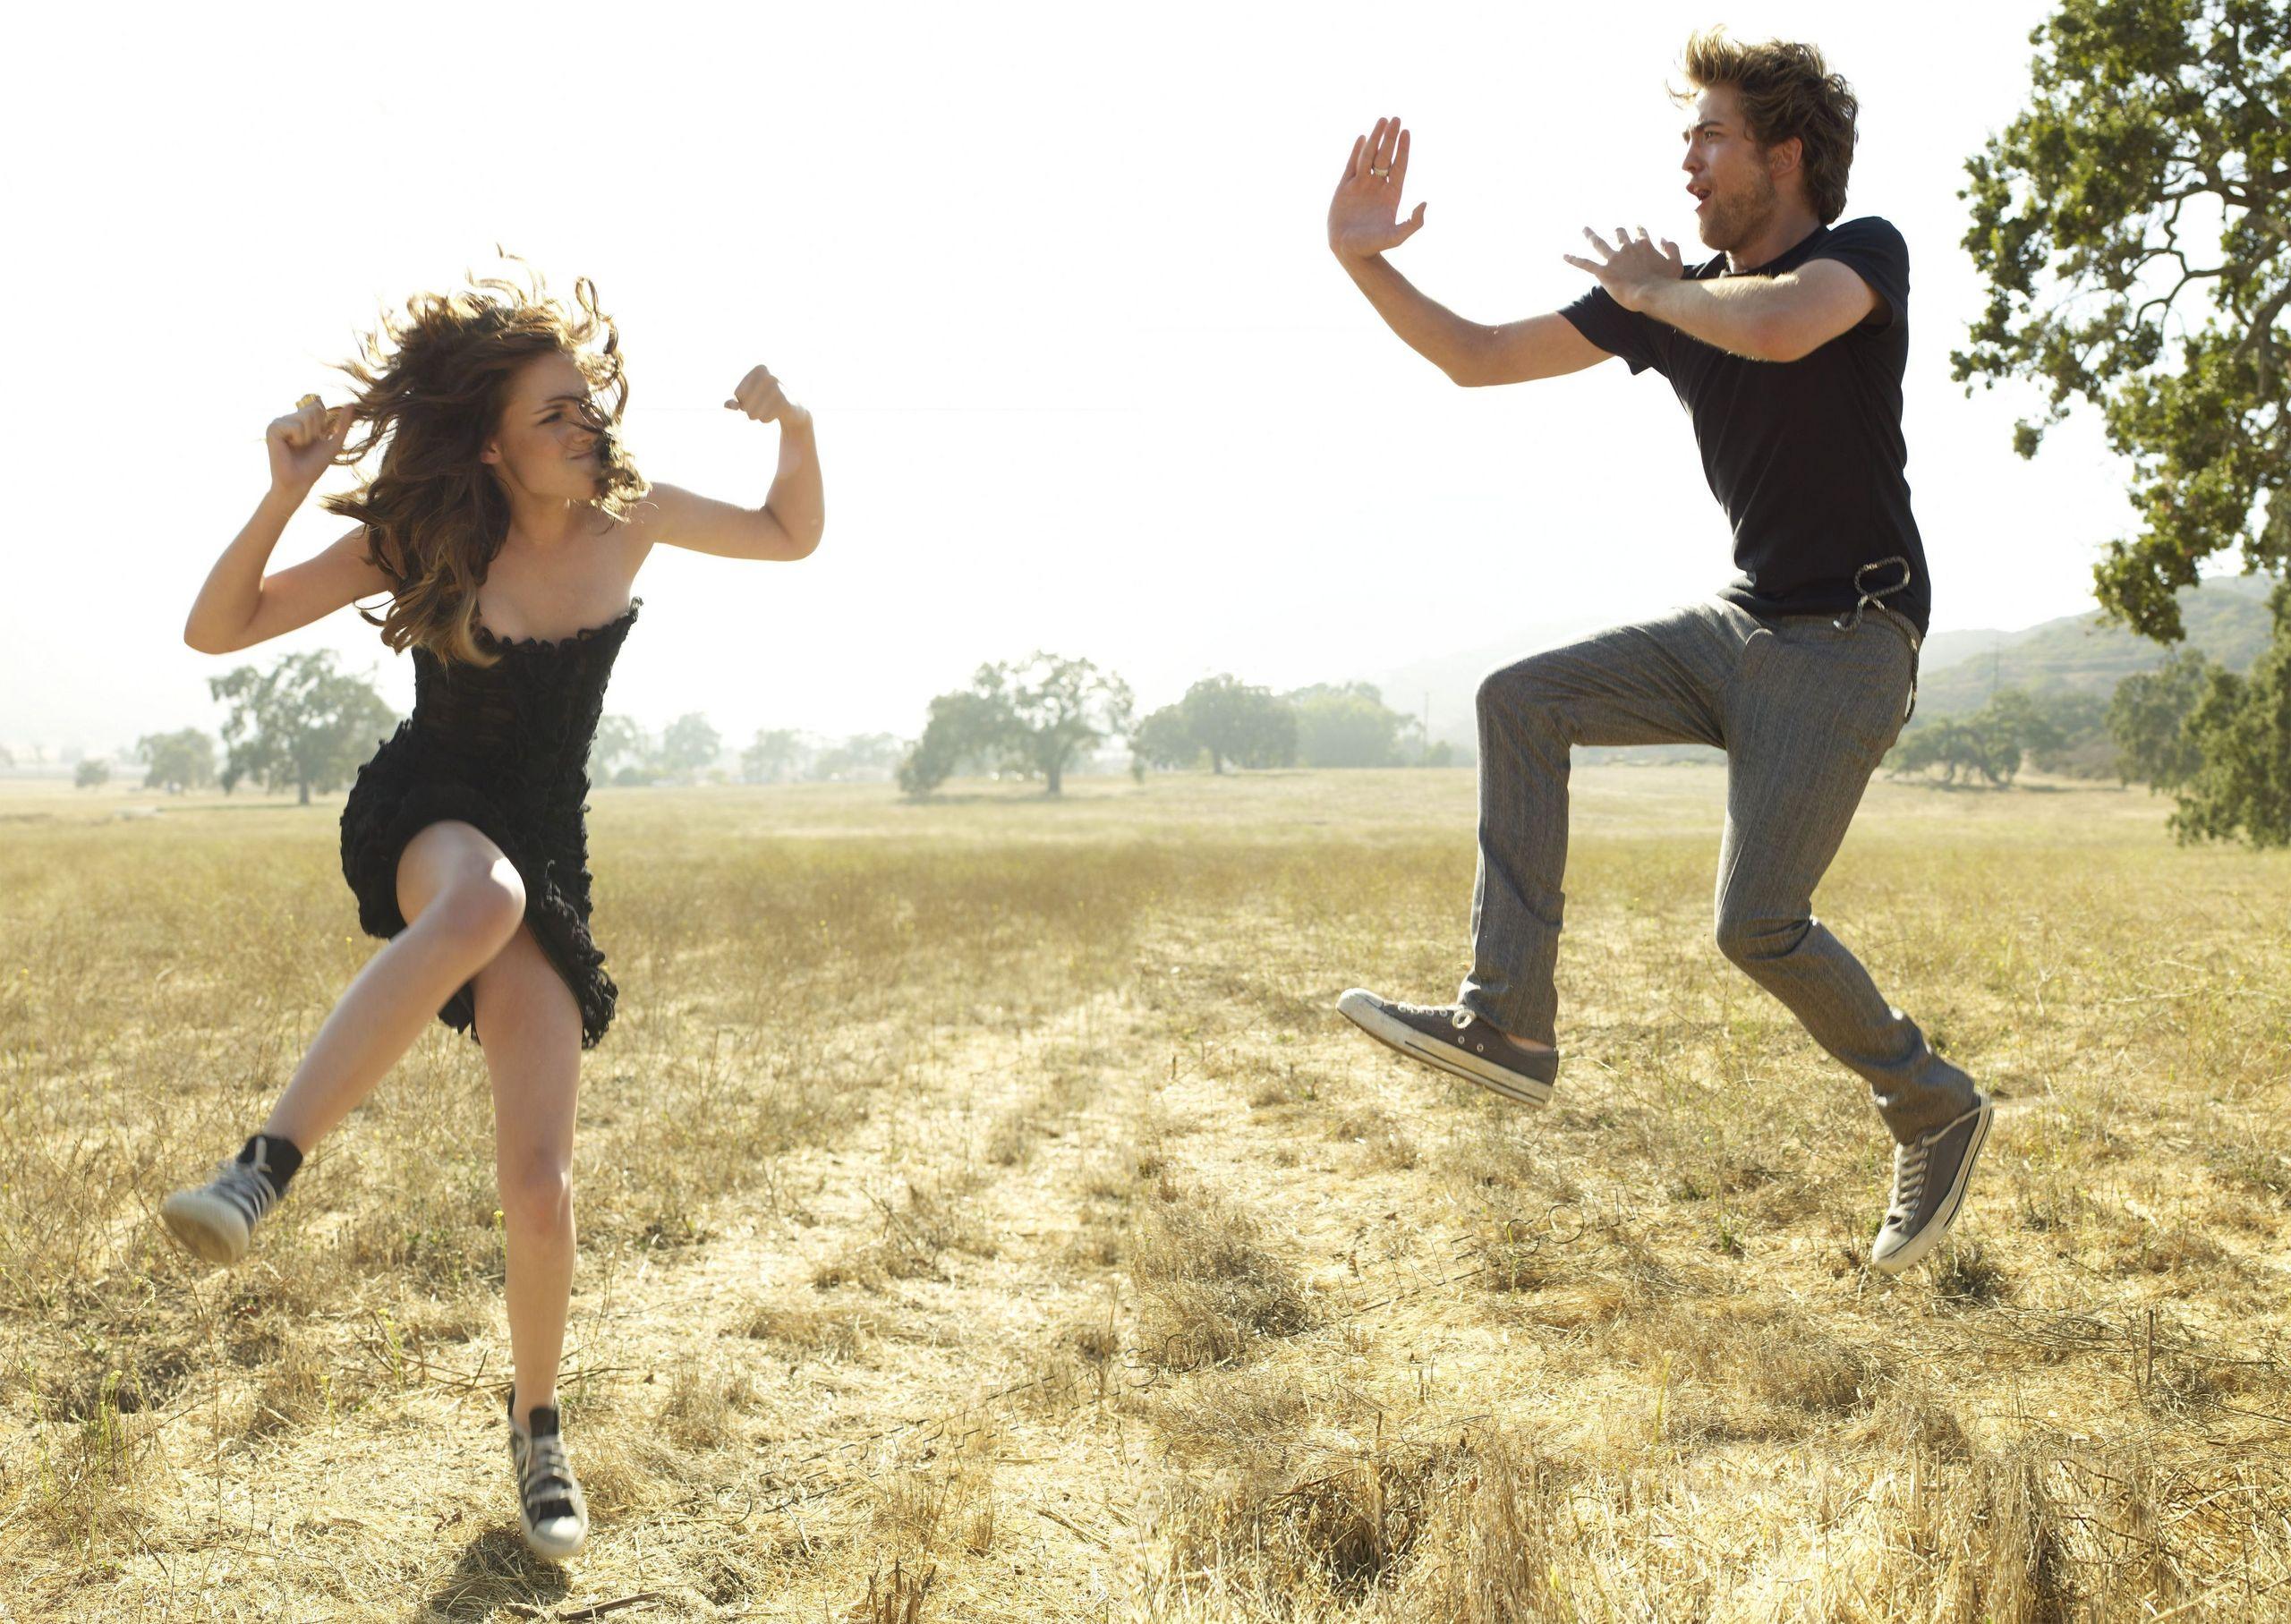 UHQ Outtakes From Vanity Fair With Robert Pattinson & Kristen Stewart